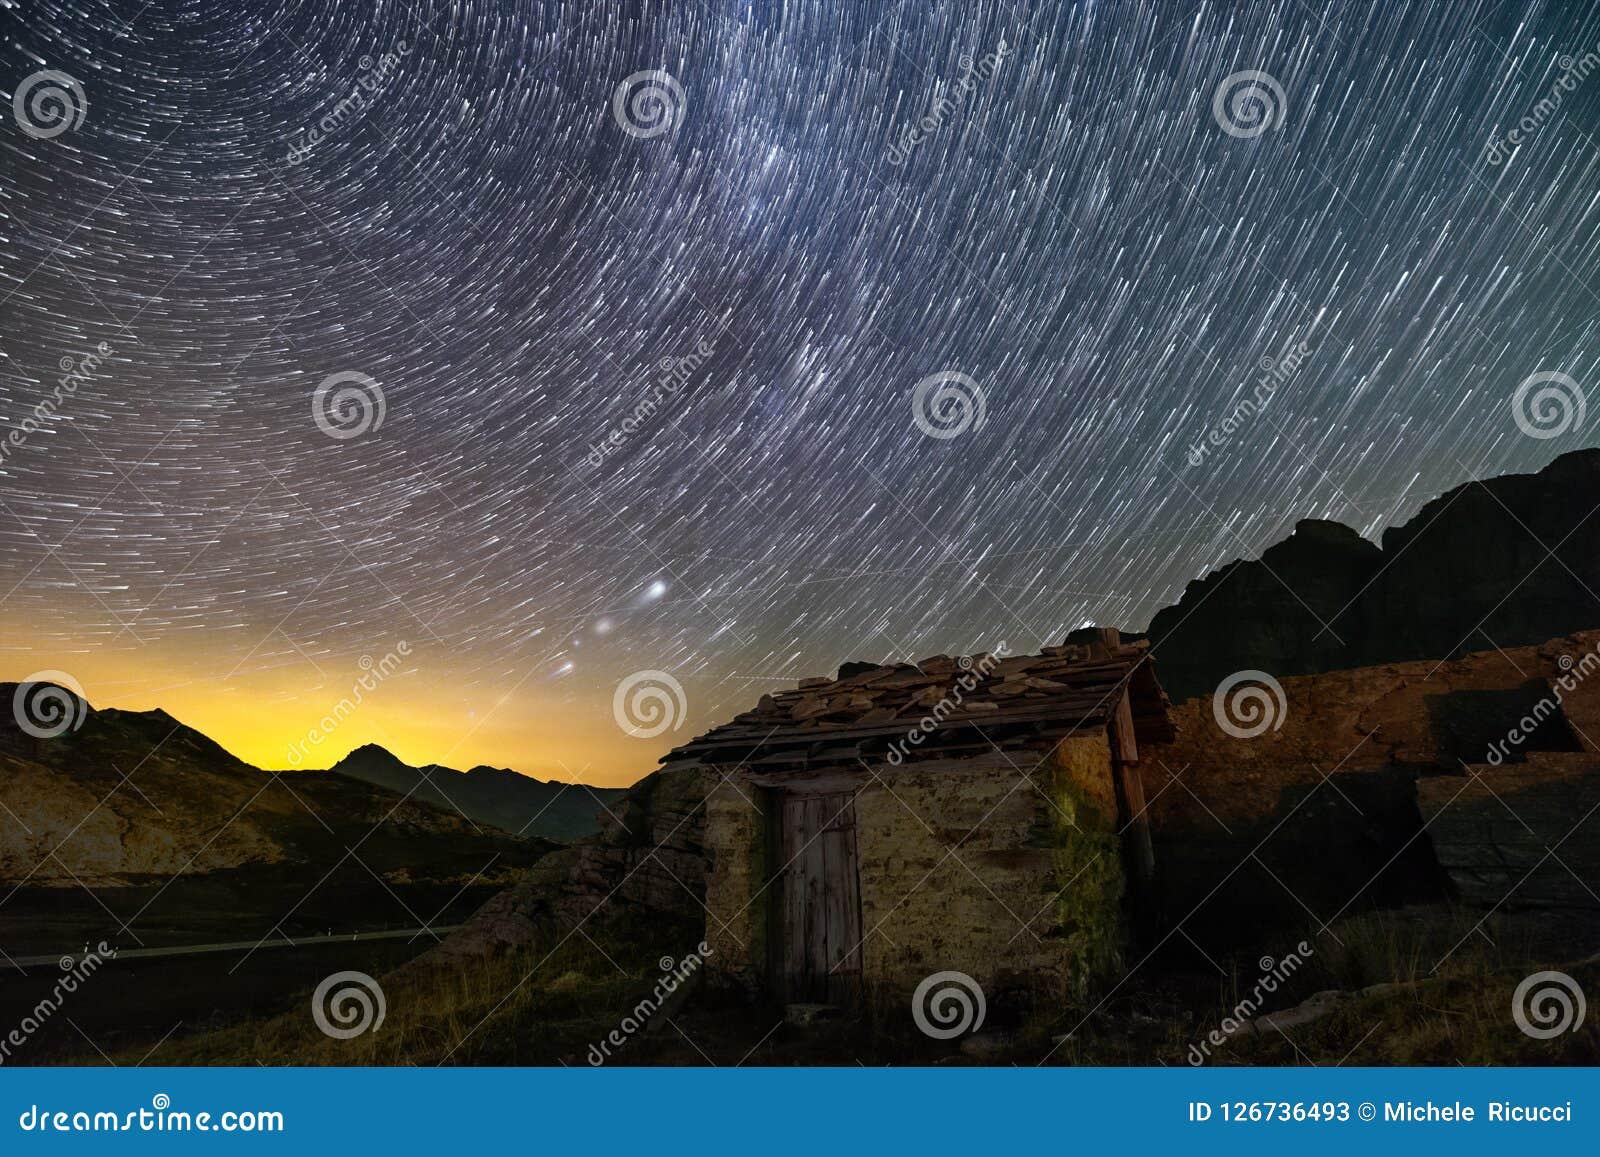 Ίχνη αστεριών και απομονωμένο σπίτι στα όρη της Ελβετίας